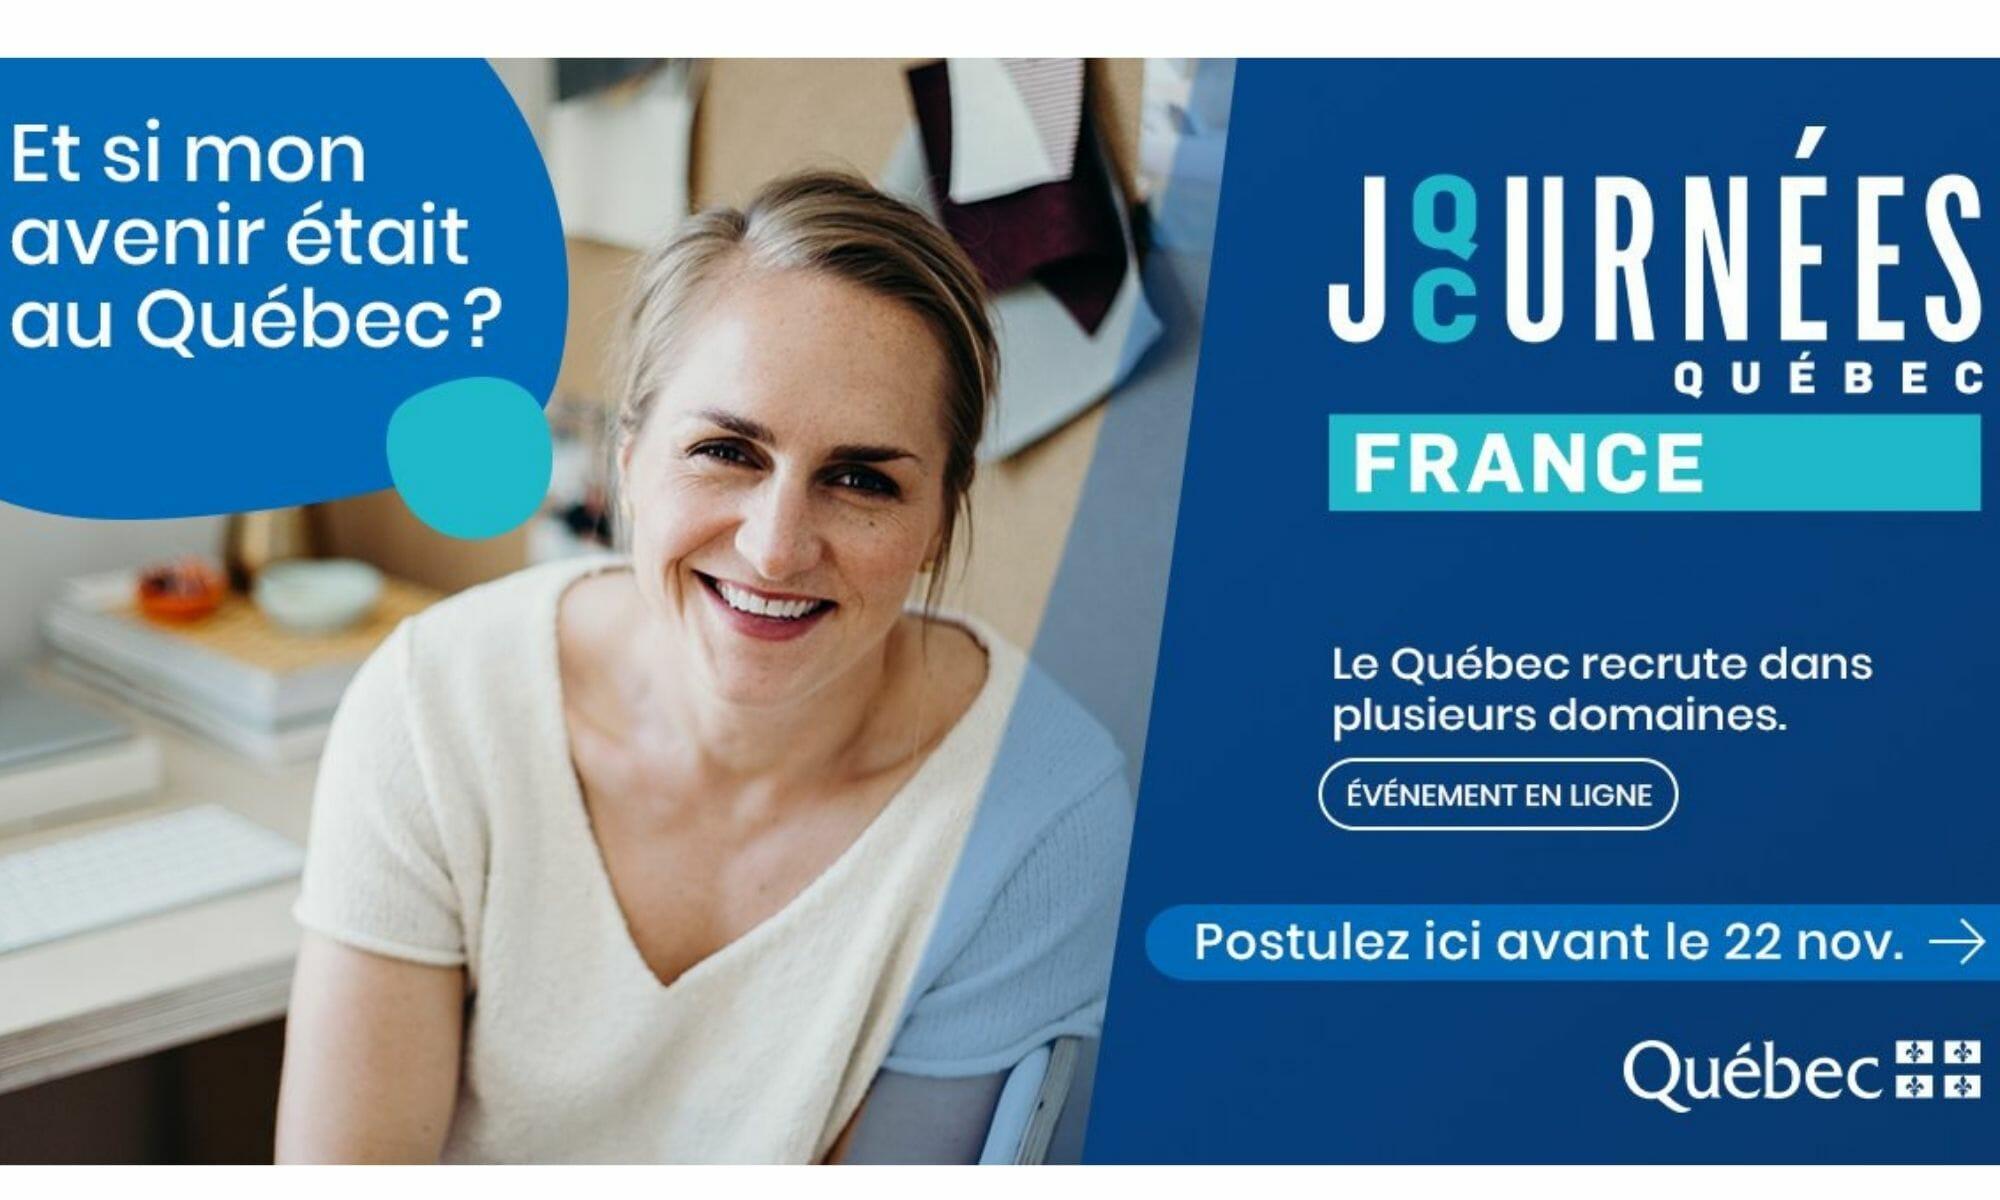 Journées Québec France